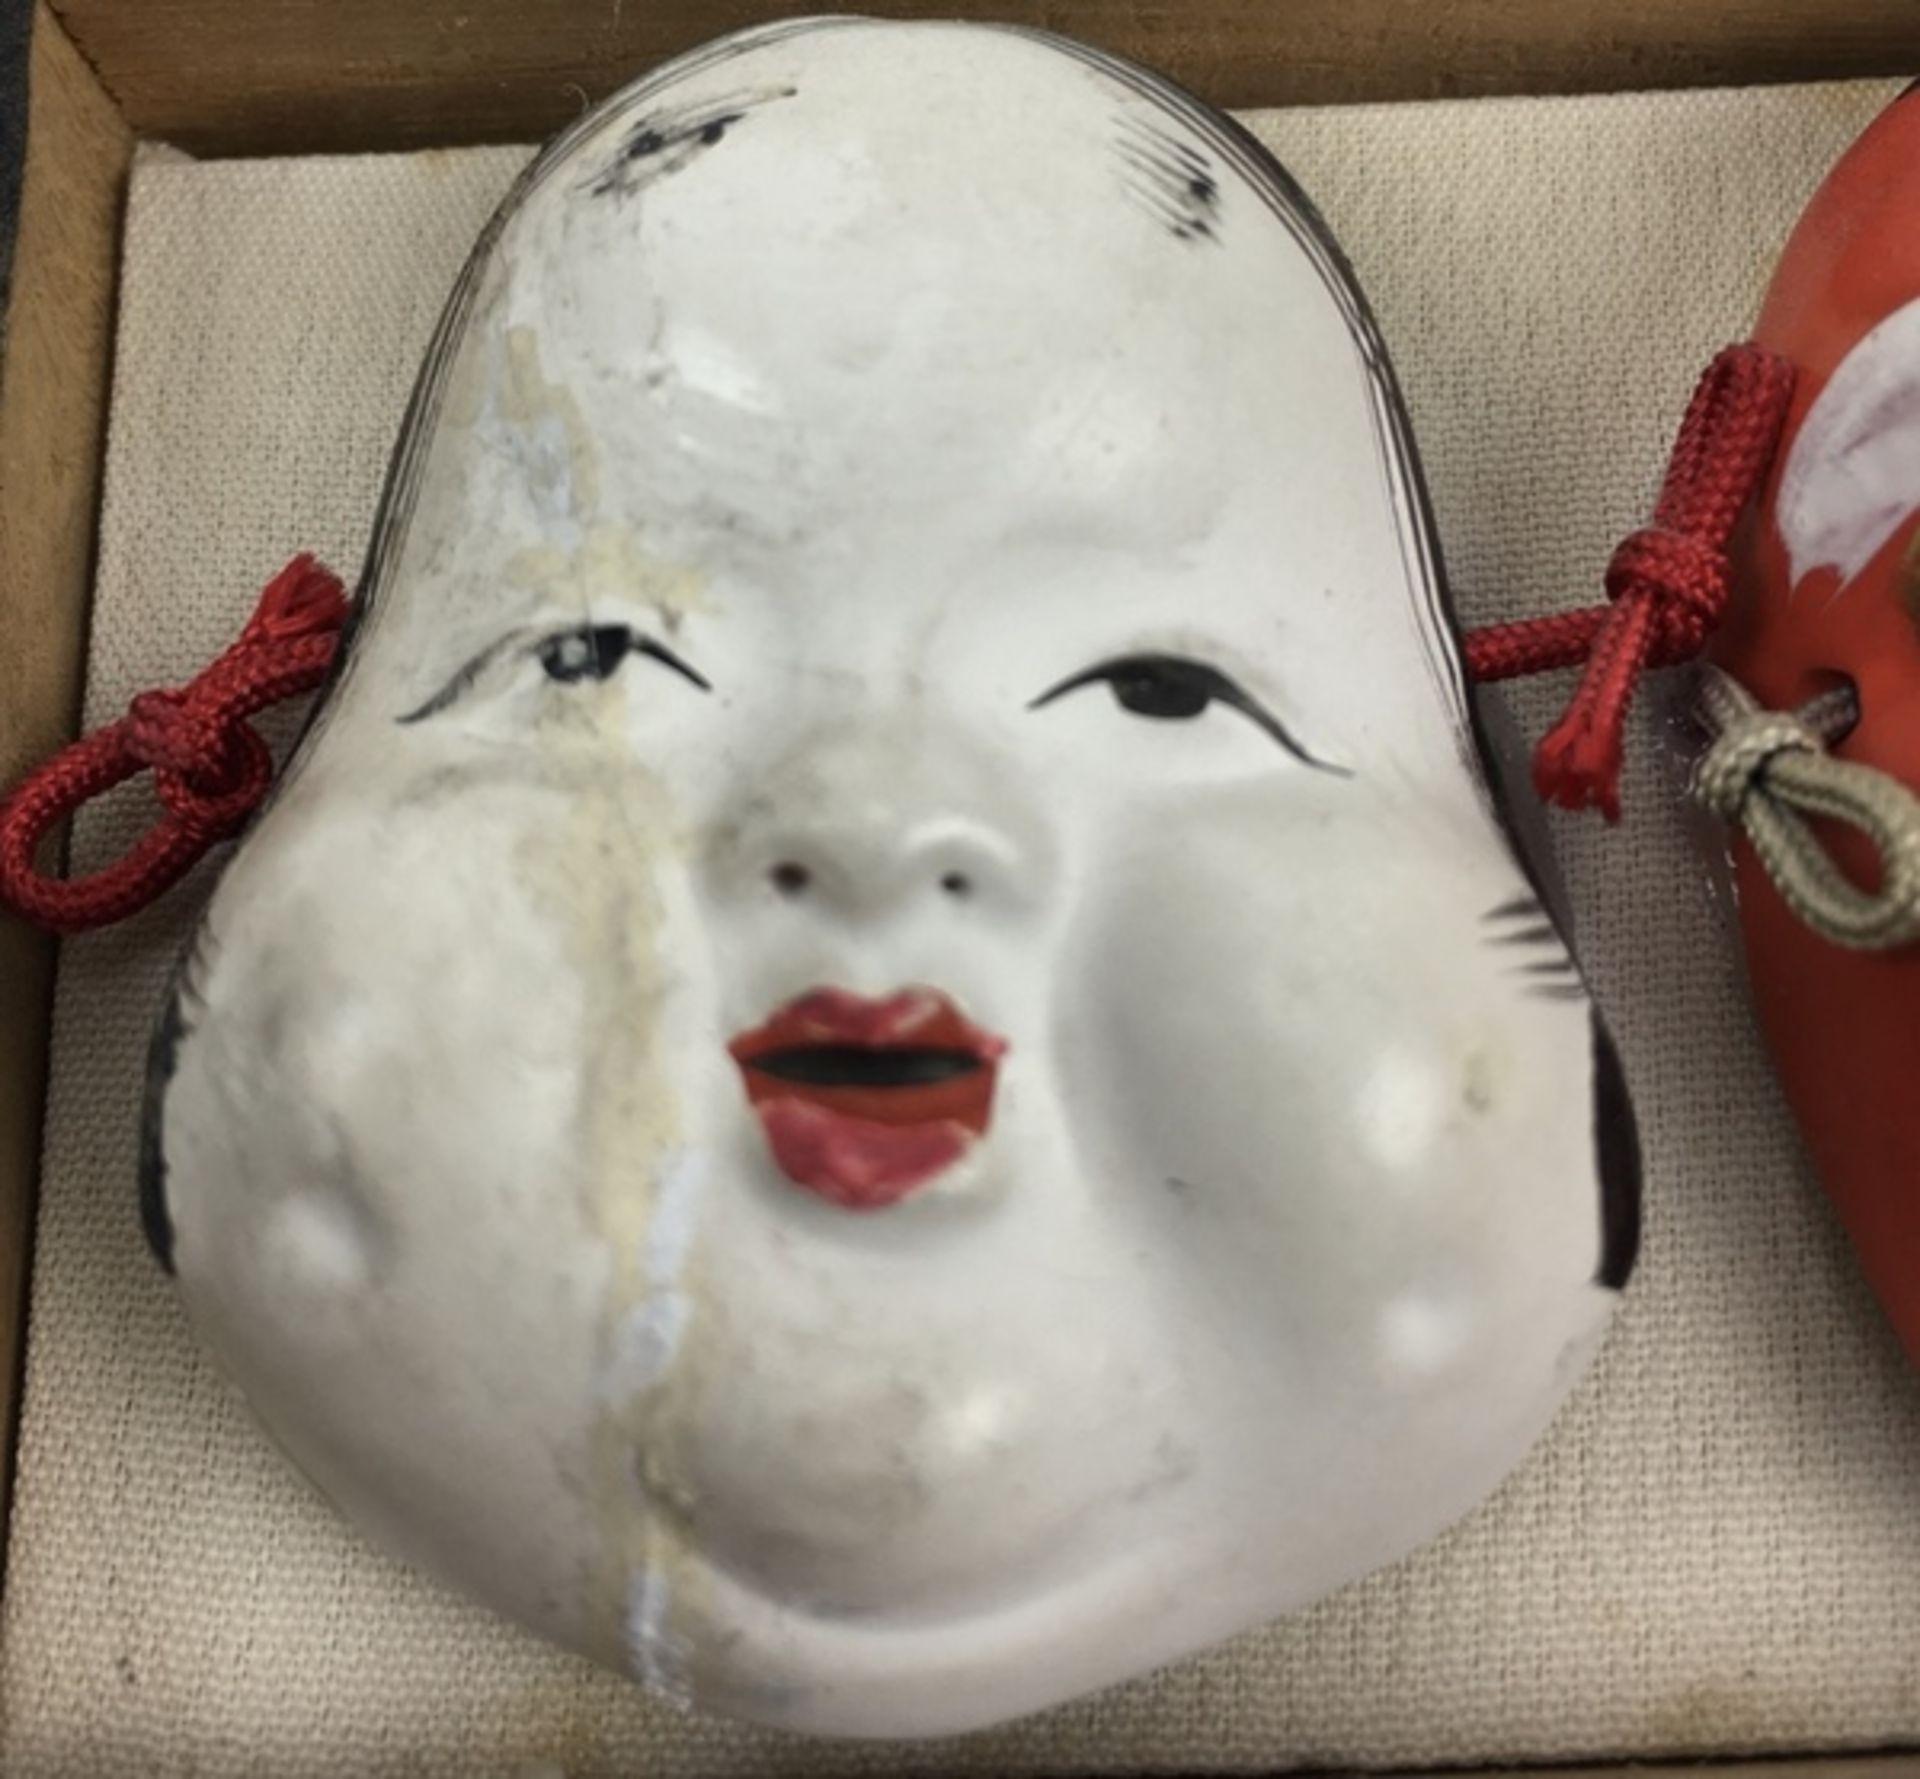 (Curiosa) Divers lotDivers lot met een Russisch lakdoosje en vier Japanse maskers in een doosje - Bild 6 aus 6